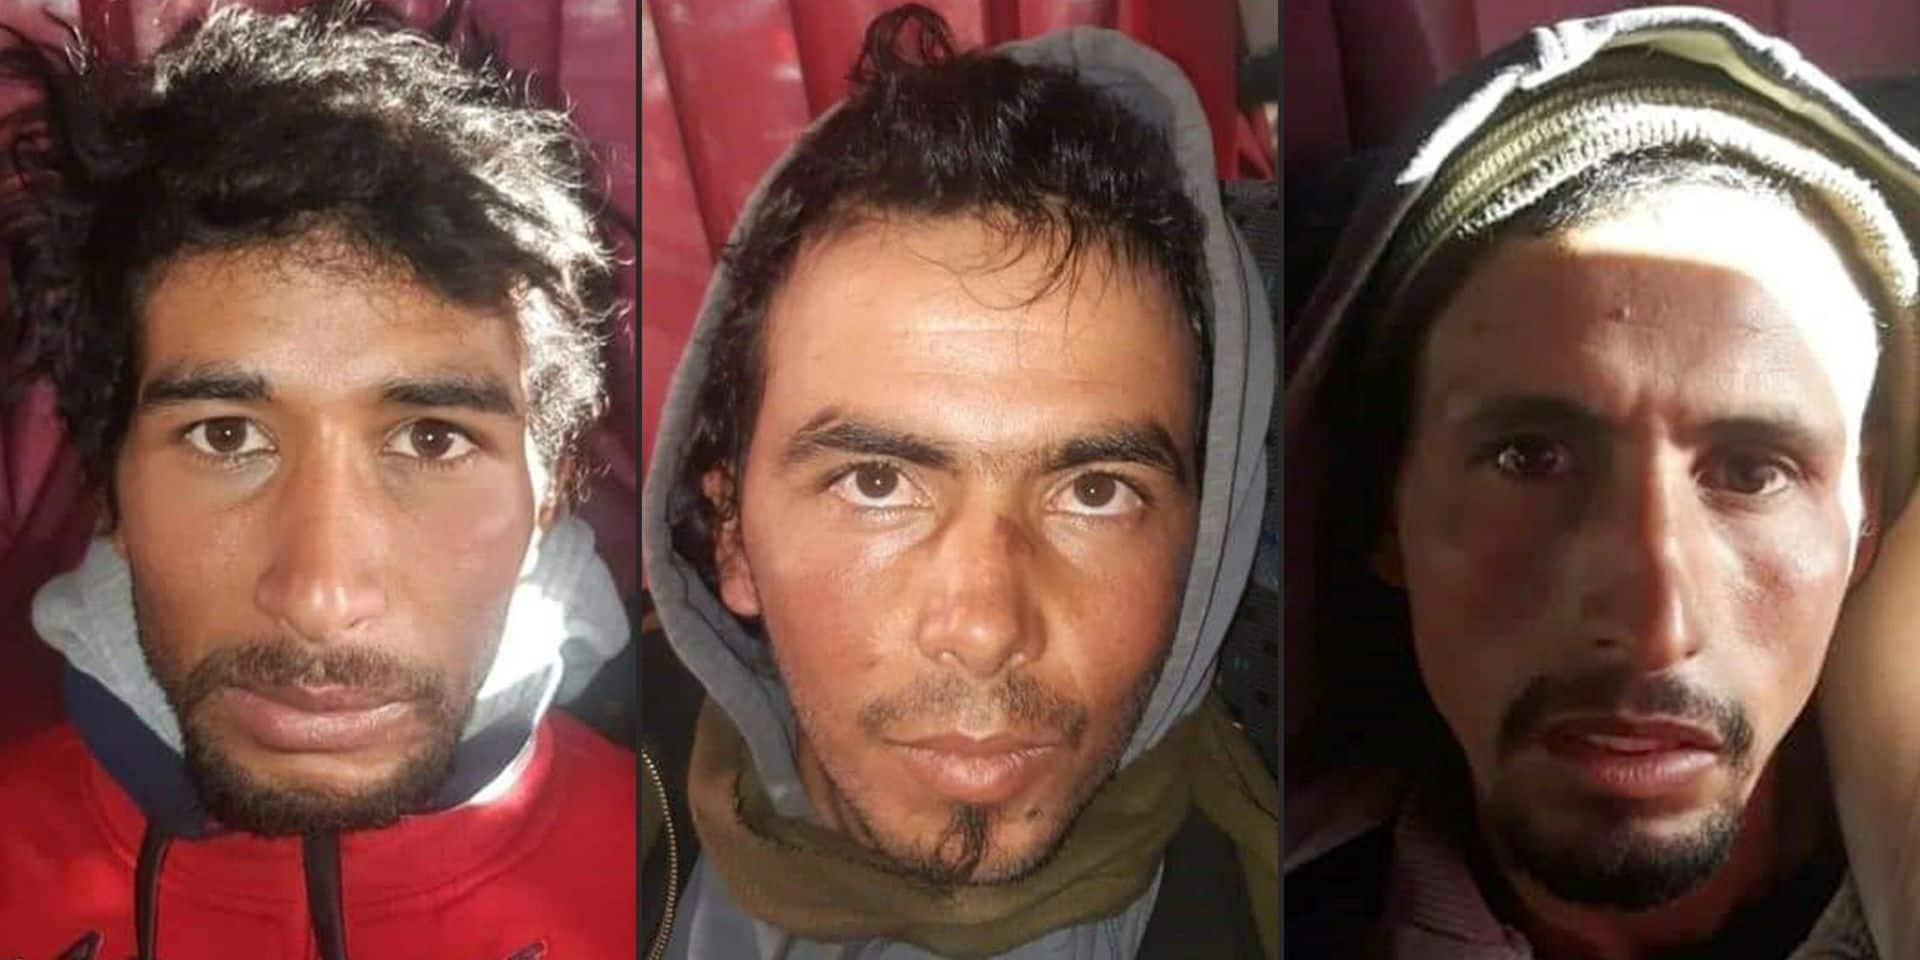 Scandinaves assassinées au Marc: trois hommes condamnés à mort!